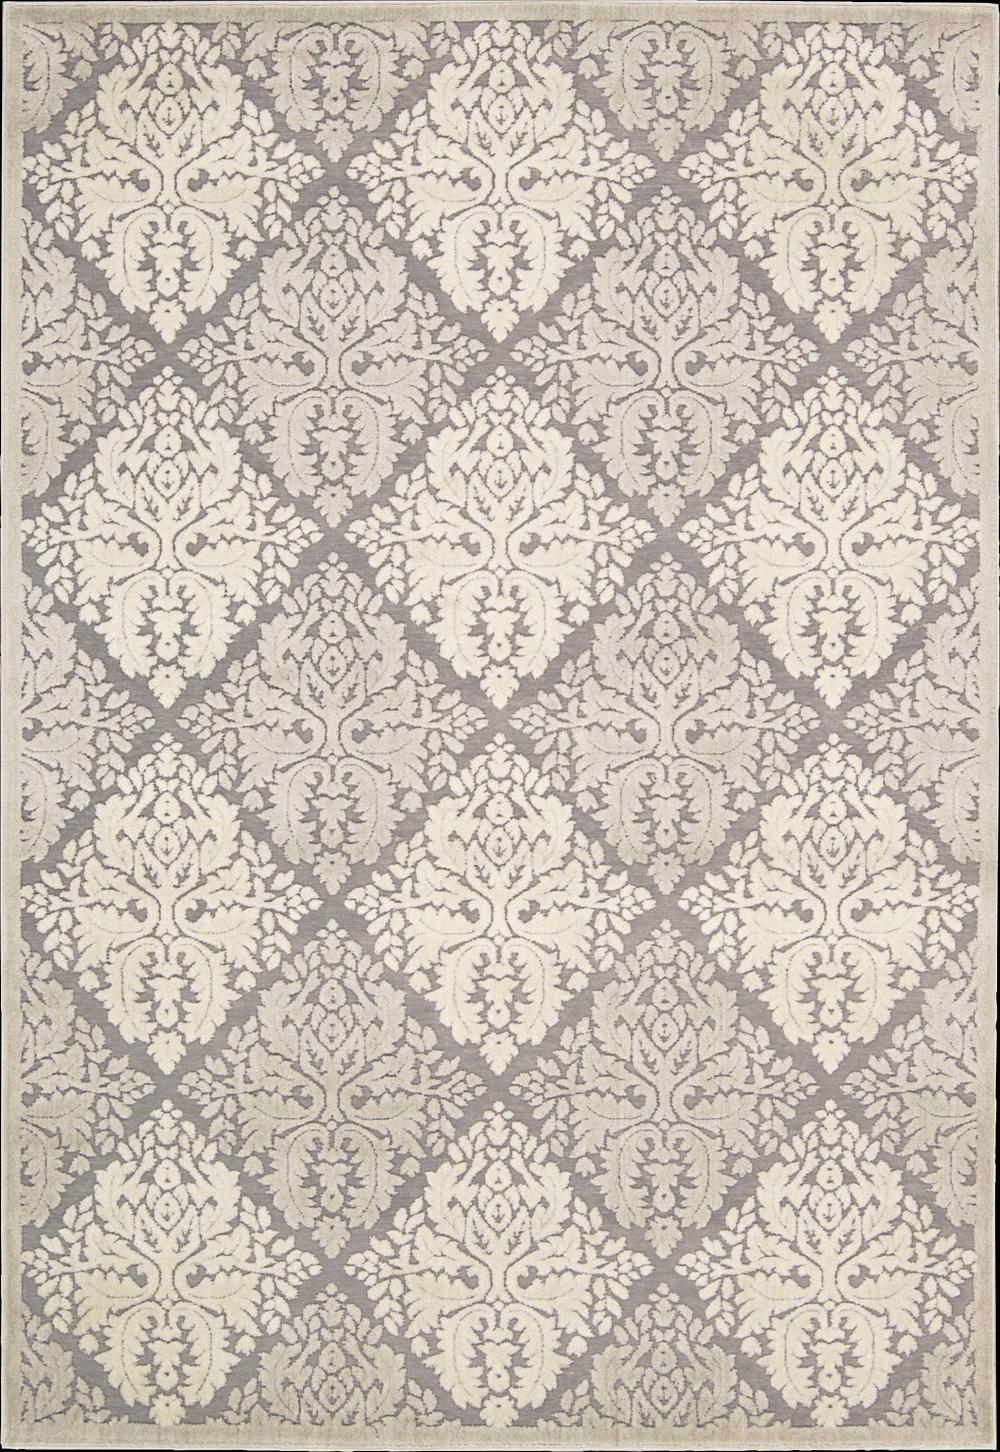 """Nourison Graphic Illusions Area Rug 2'3"""" x 3'9"""" - Item Number: 13152"""